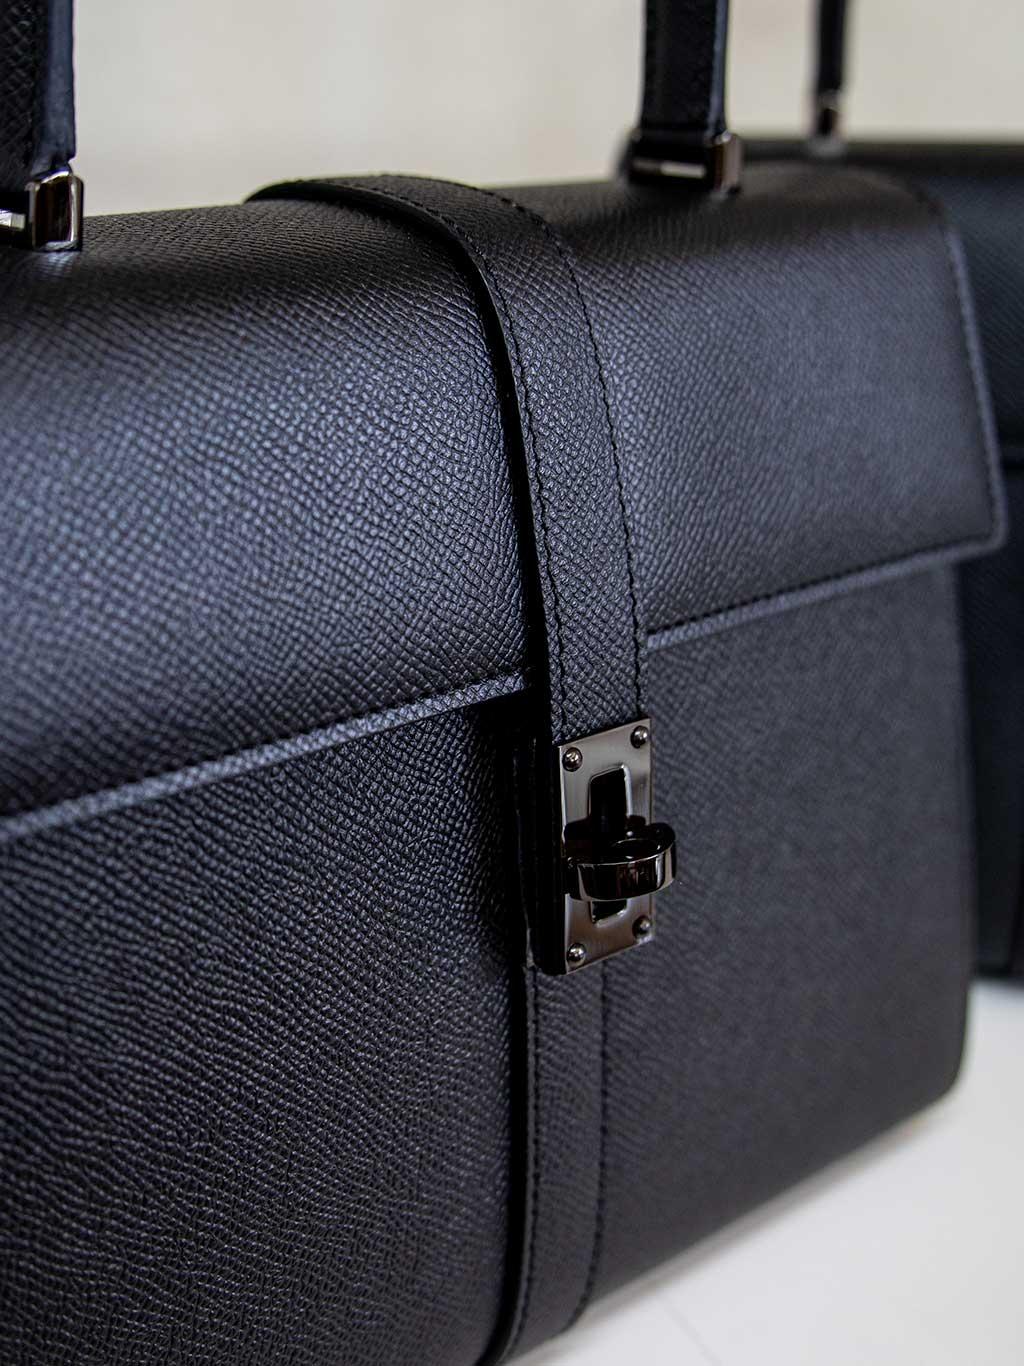 日本製ブランドNAGATANI ワープロルクス本革フォーマルバッグM「自分だけの贅沢感」